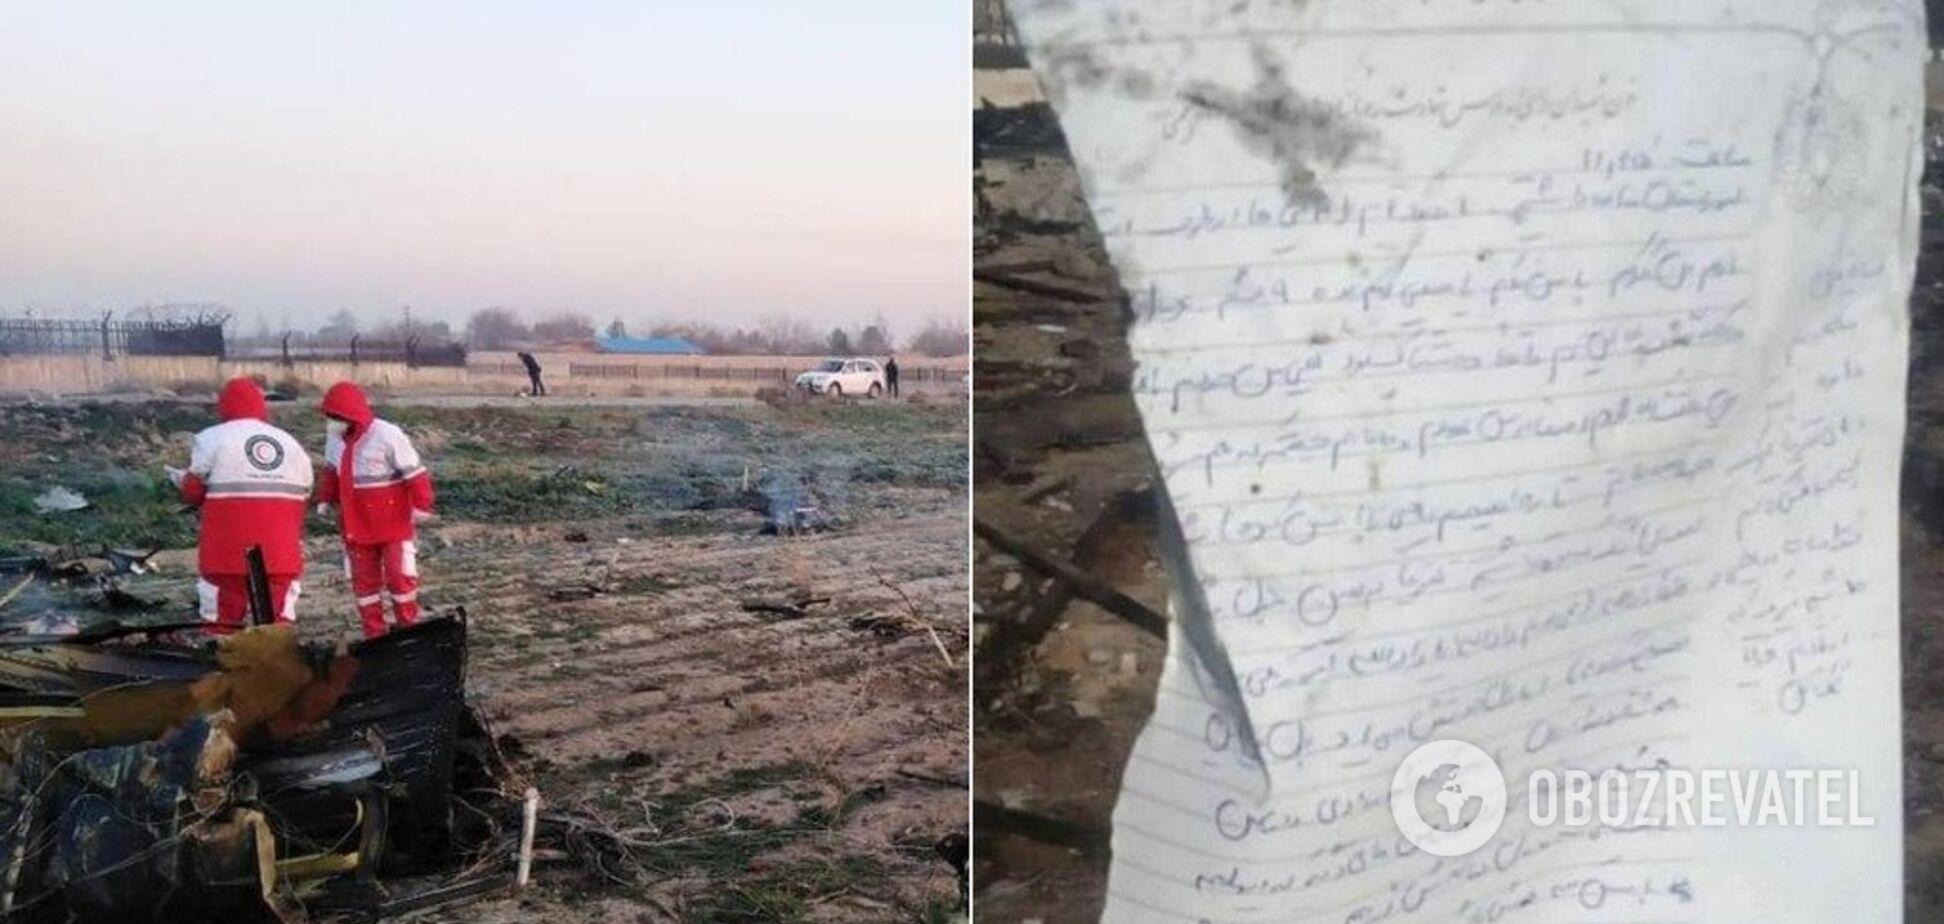 Просил помощи у Бога: на месте катастрофы украинского самолета в Иране нашли записку